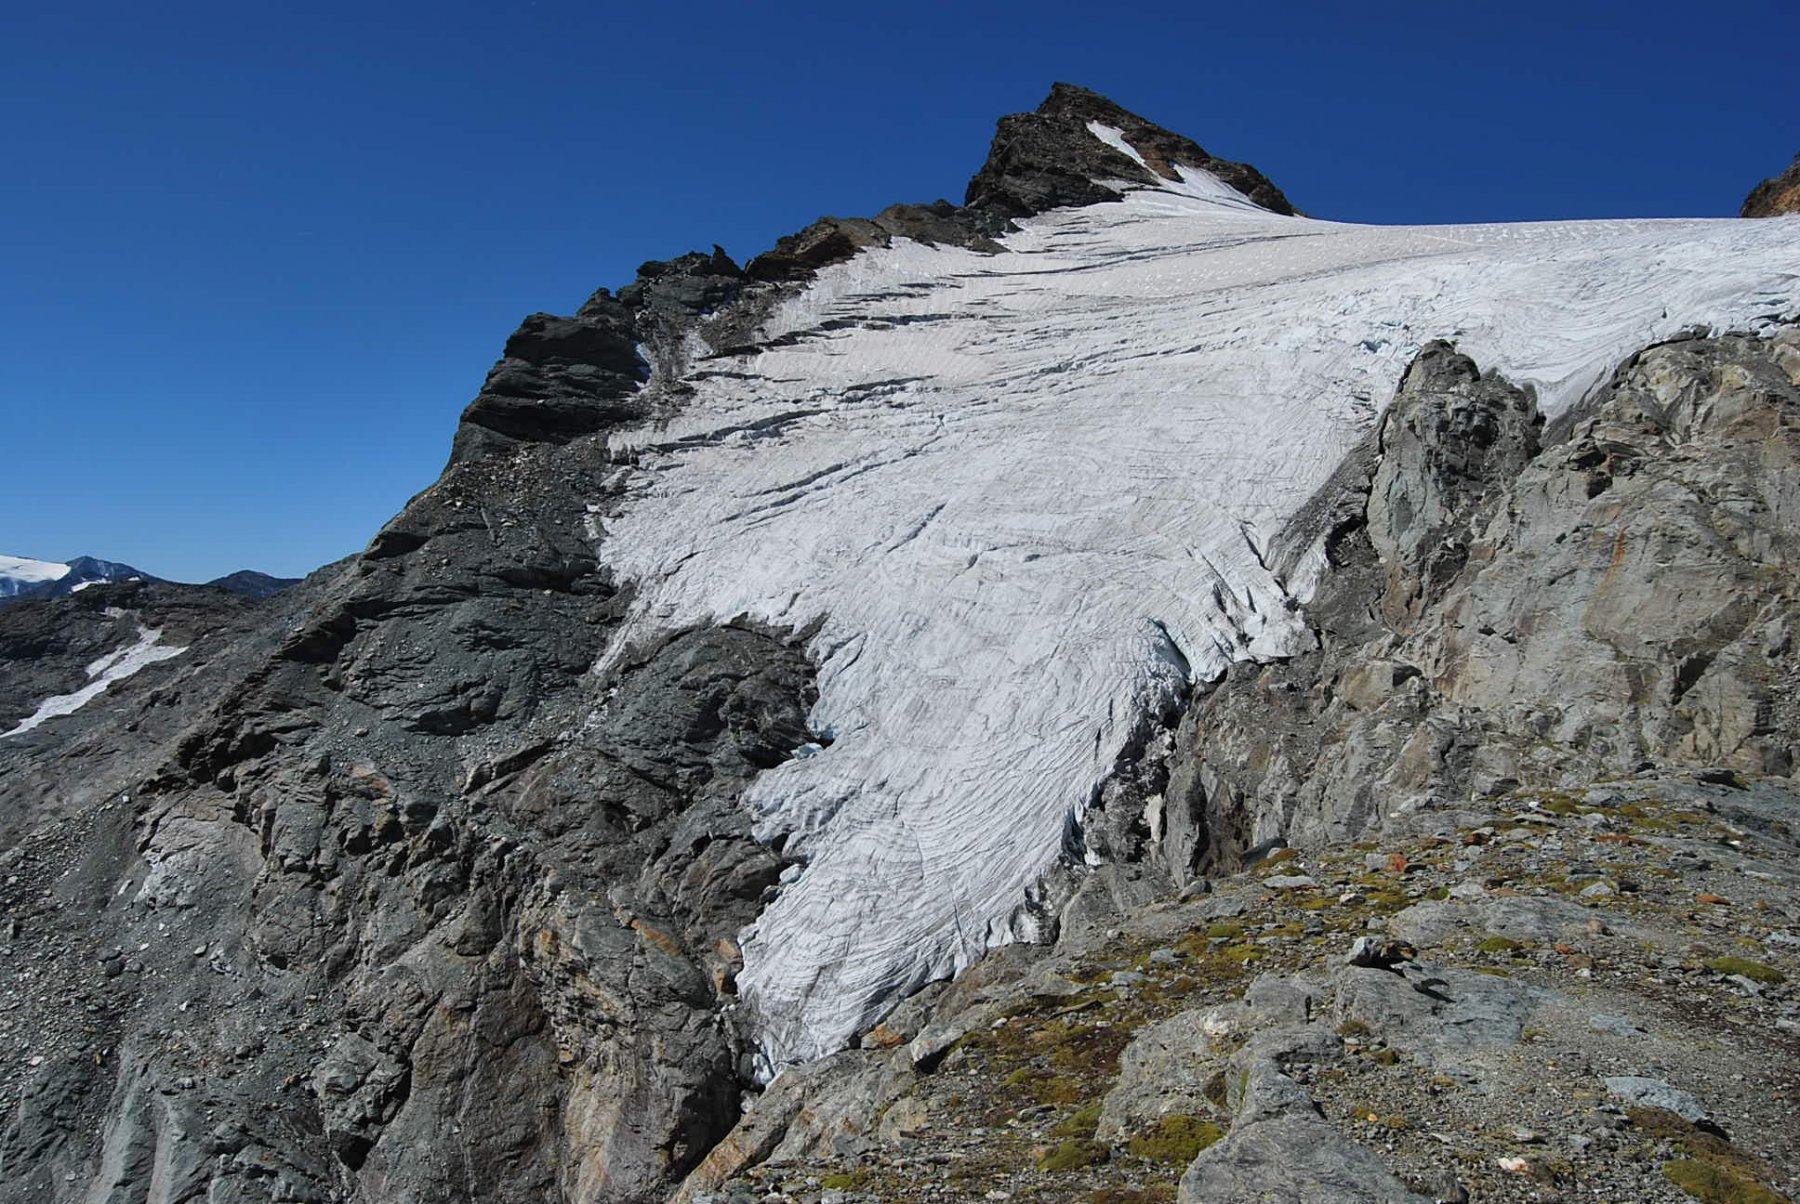 Dalla vetta: lo Chateau Blanc e il suo ghiacciaio